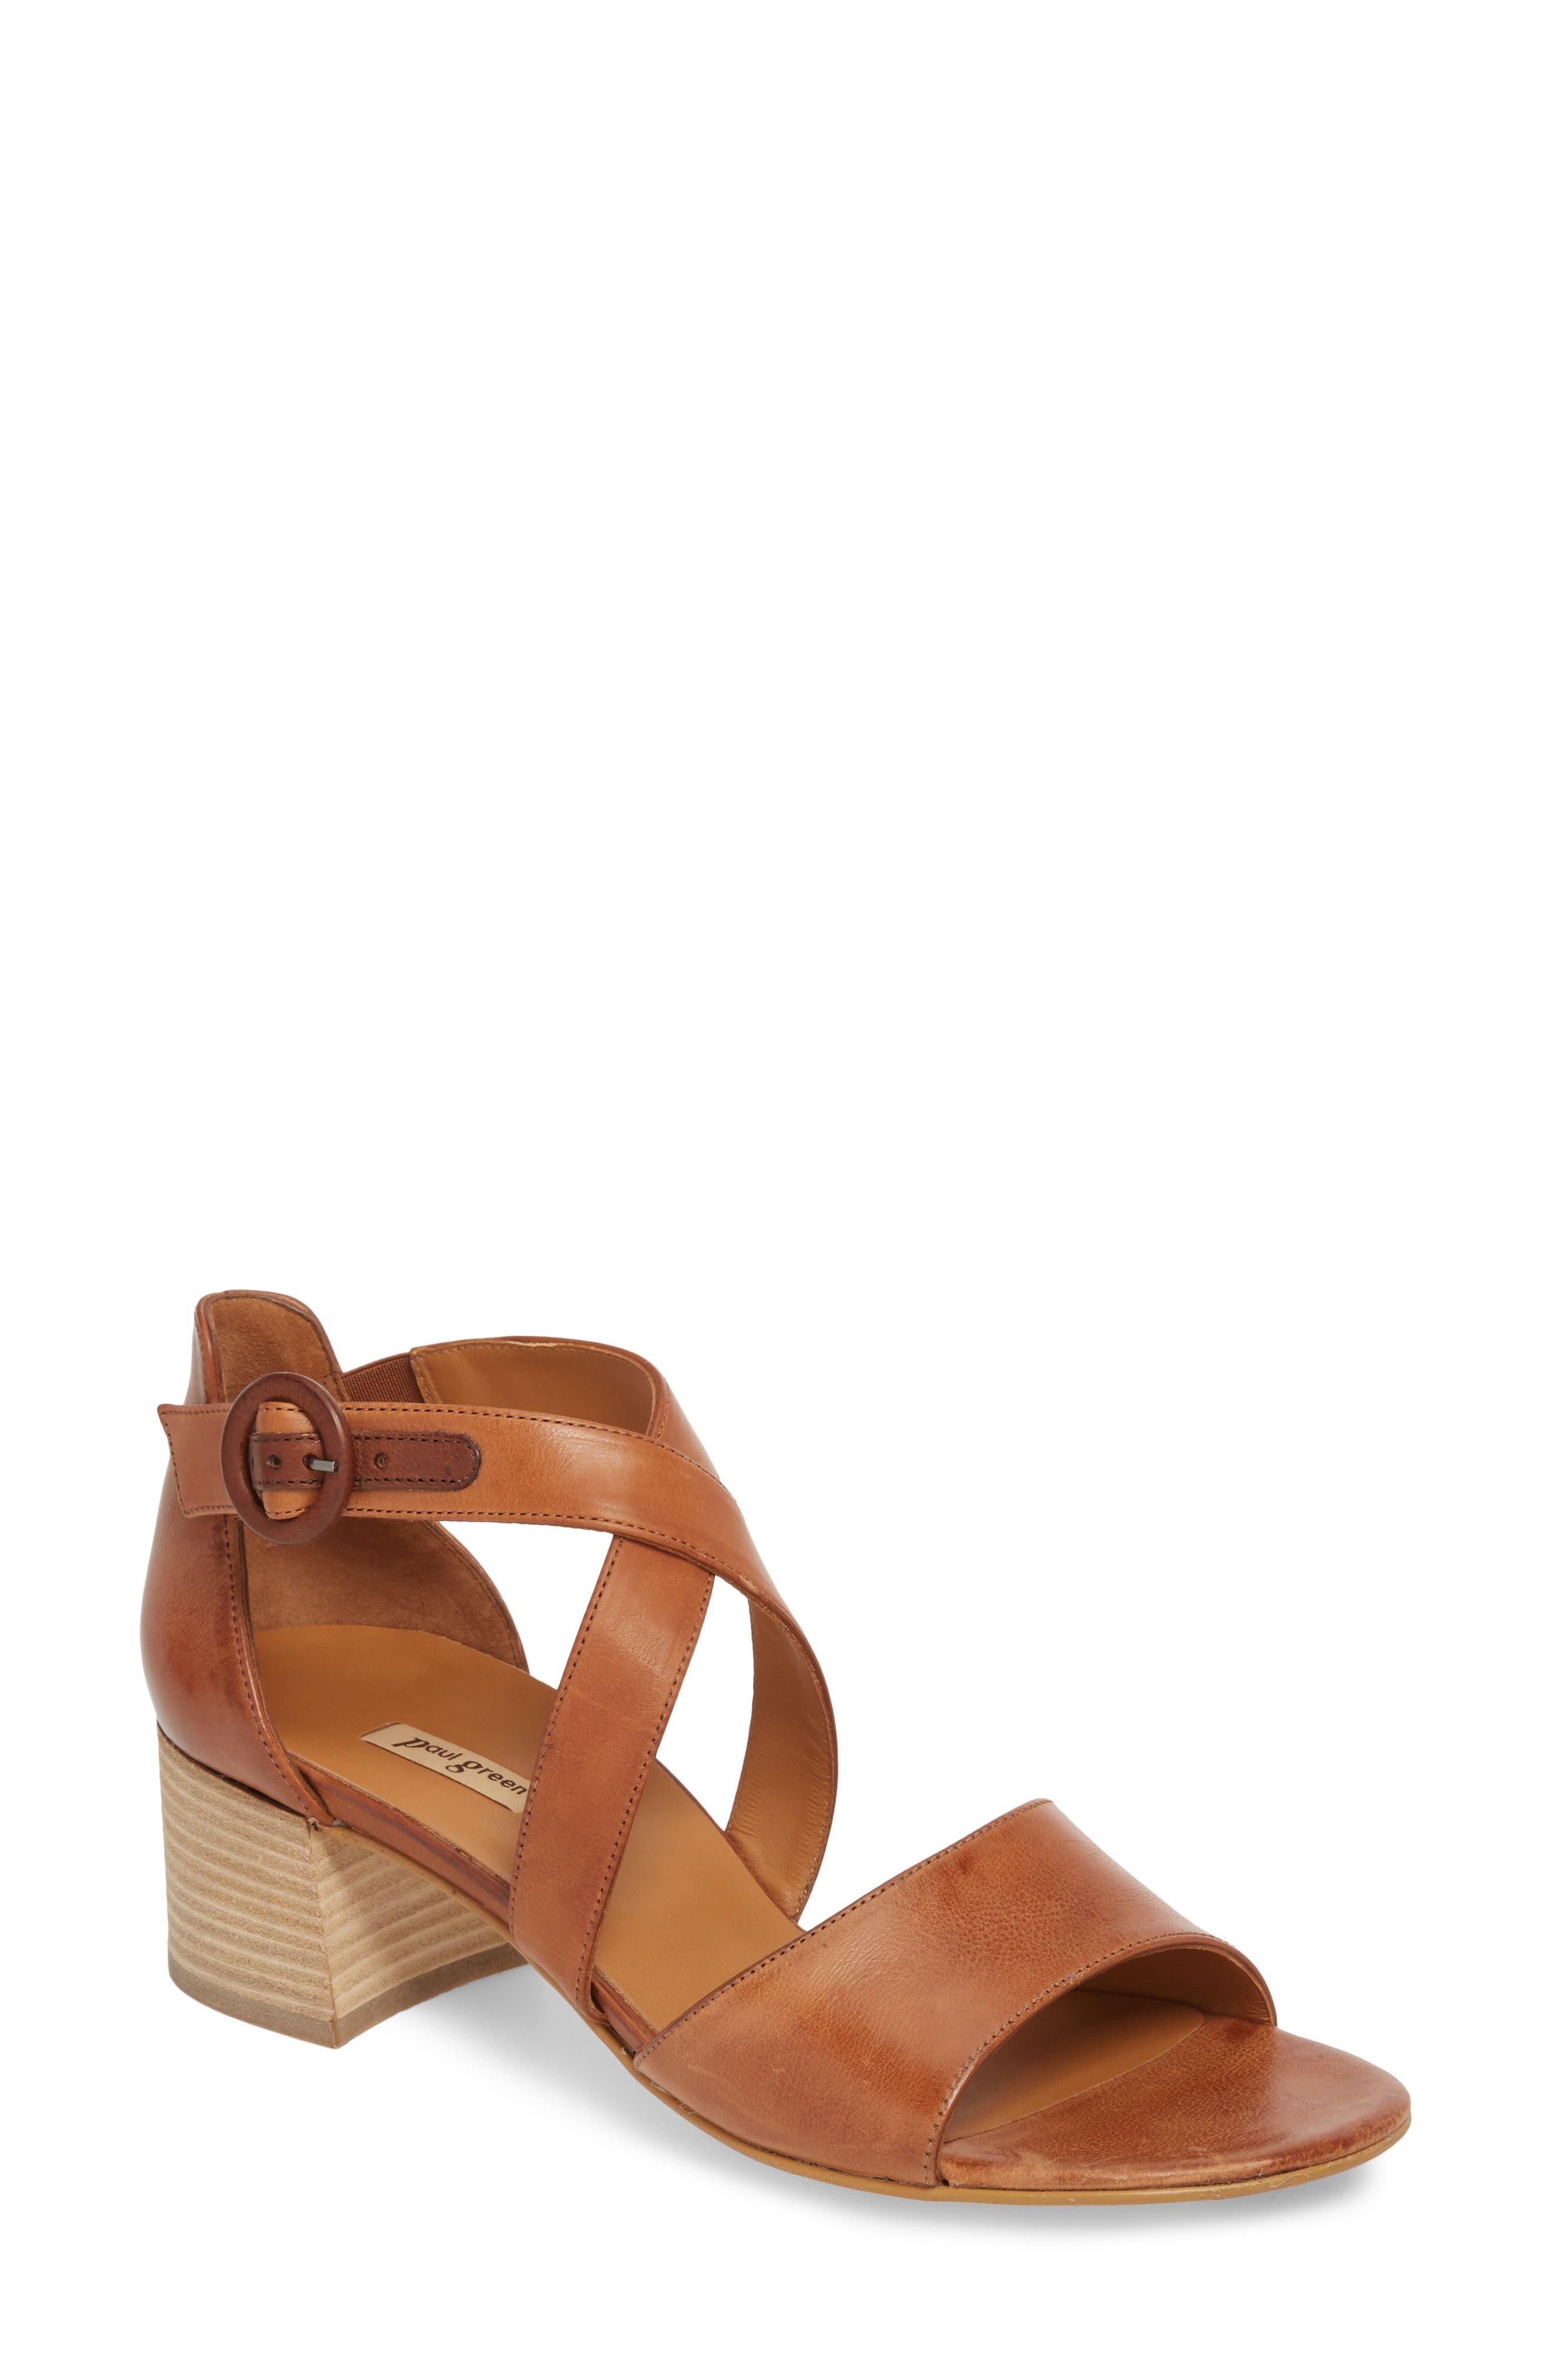 Alternate Image 1 Selected - Paul Green Sally Quarter Strap Sandal (Women)